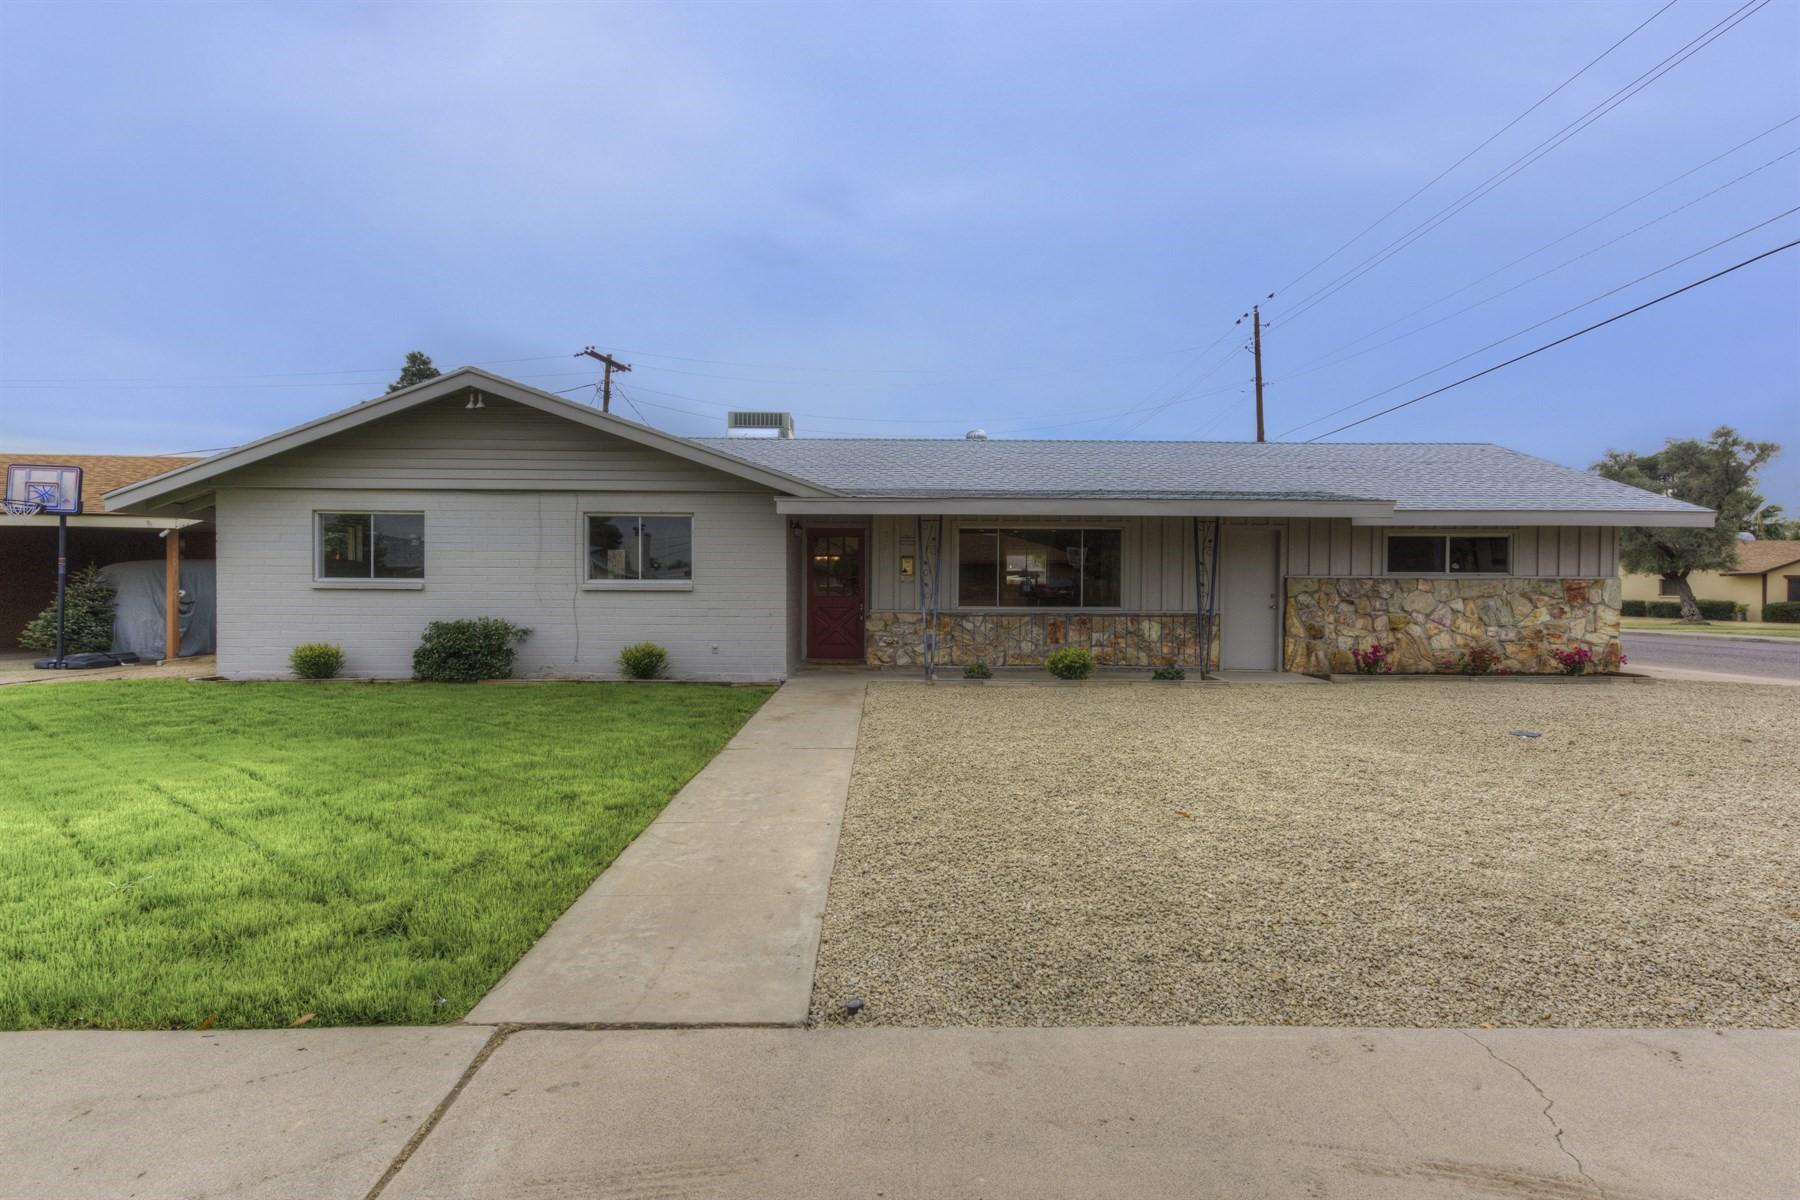 一戸建て のために 売買 アット Gorgeous remodel home in Phoenix 2941 W Keim Dr Phoenix, アリゾナ, 85017 アメリカ合衆国